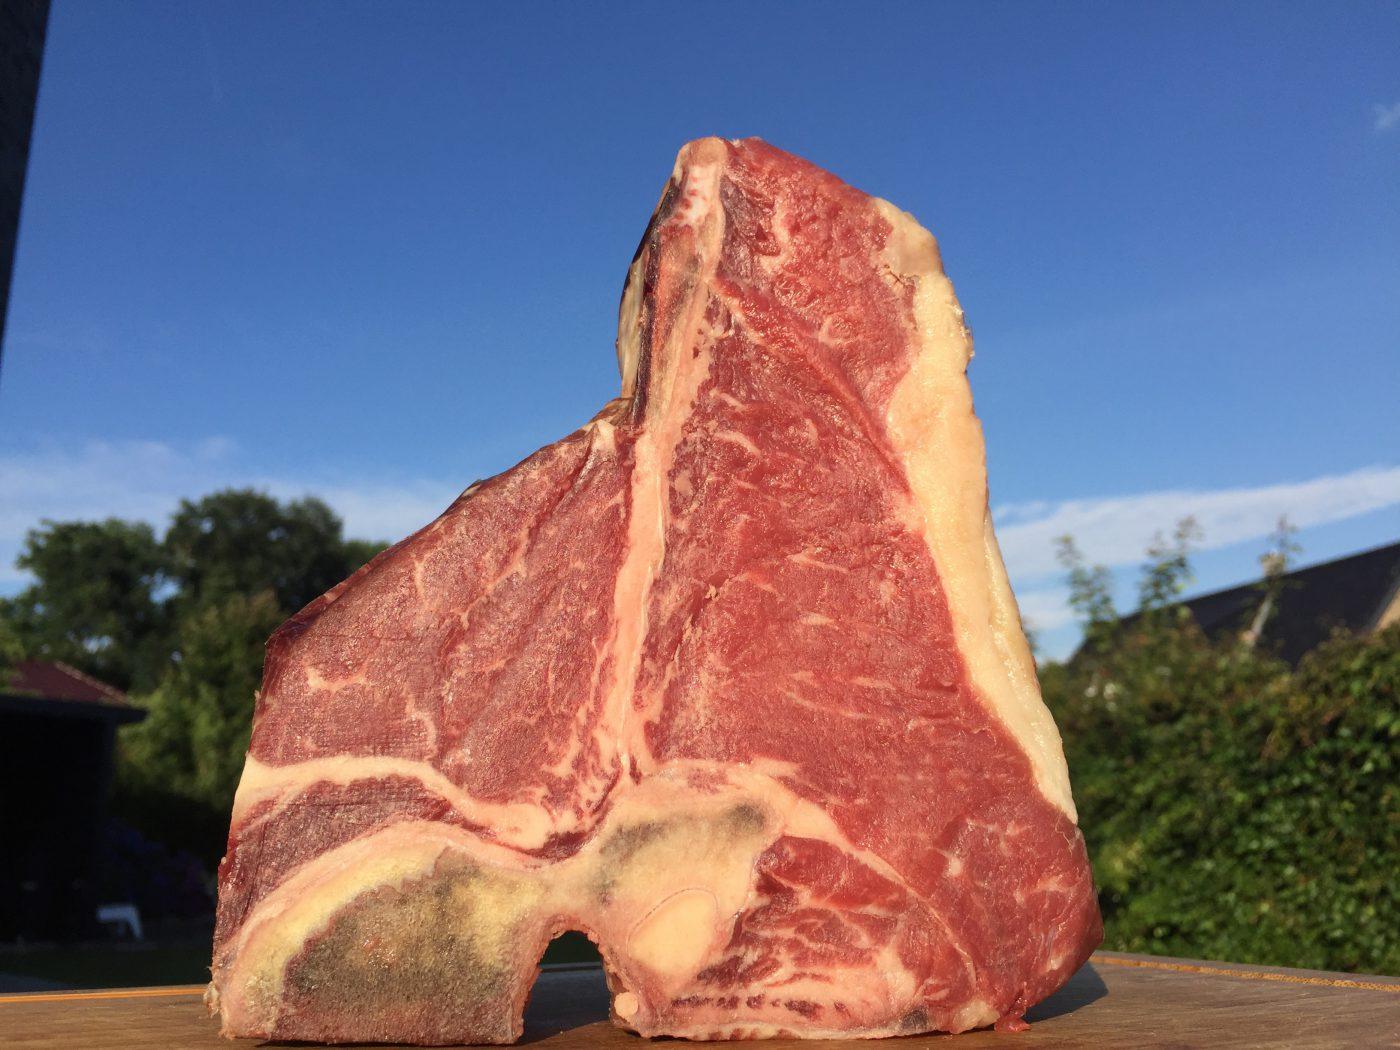 Geniales trockengereiftes Steak